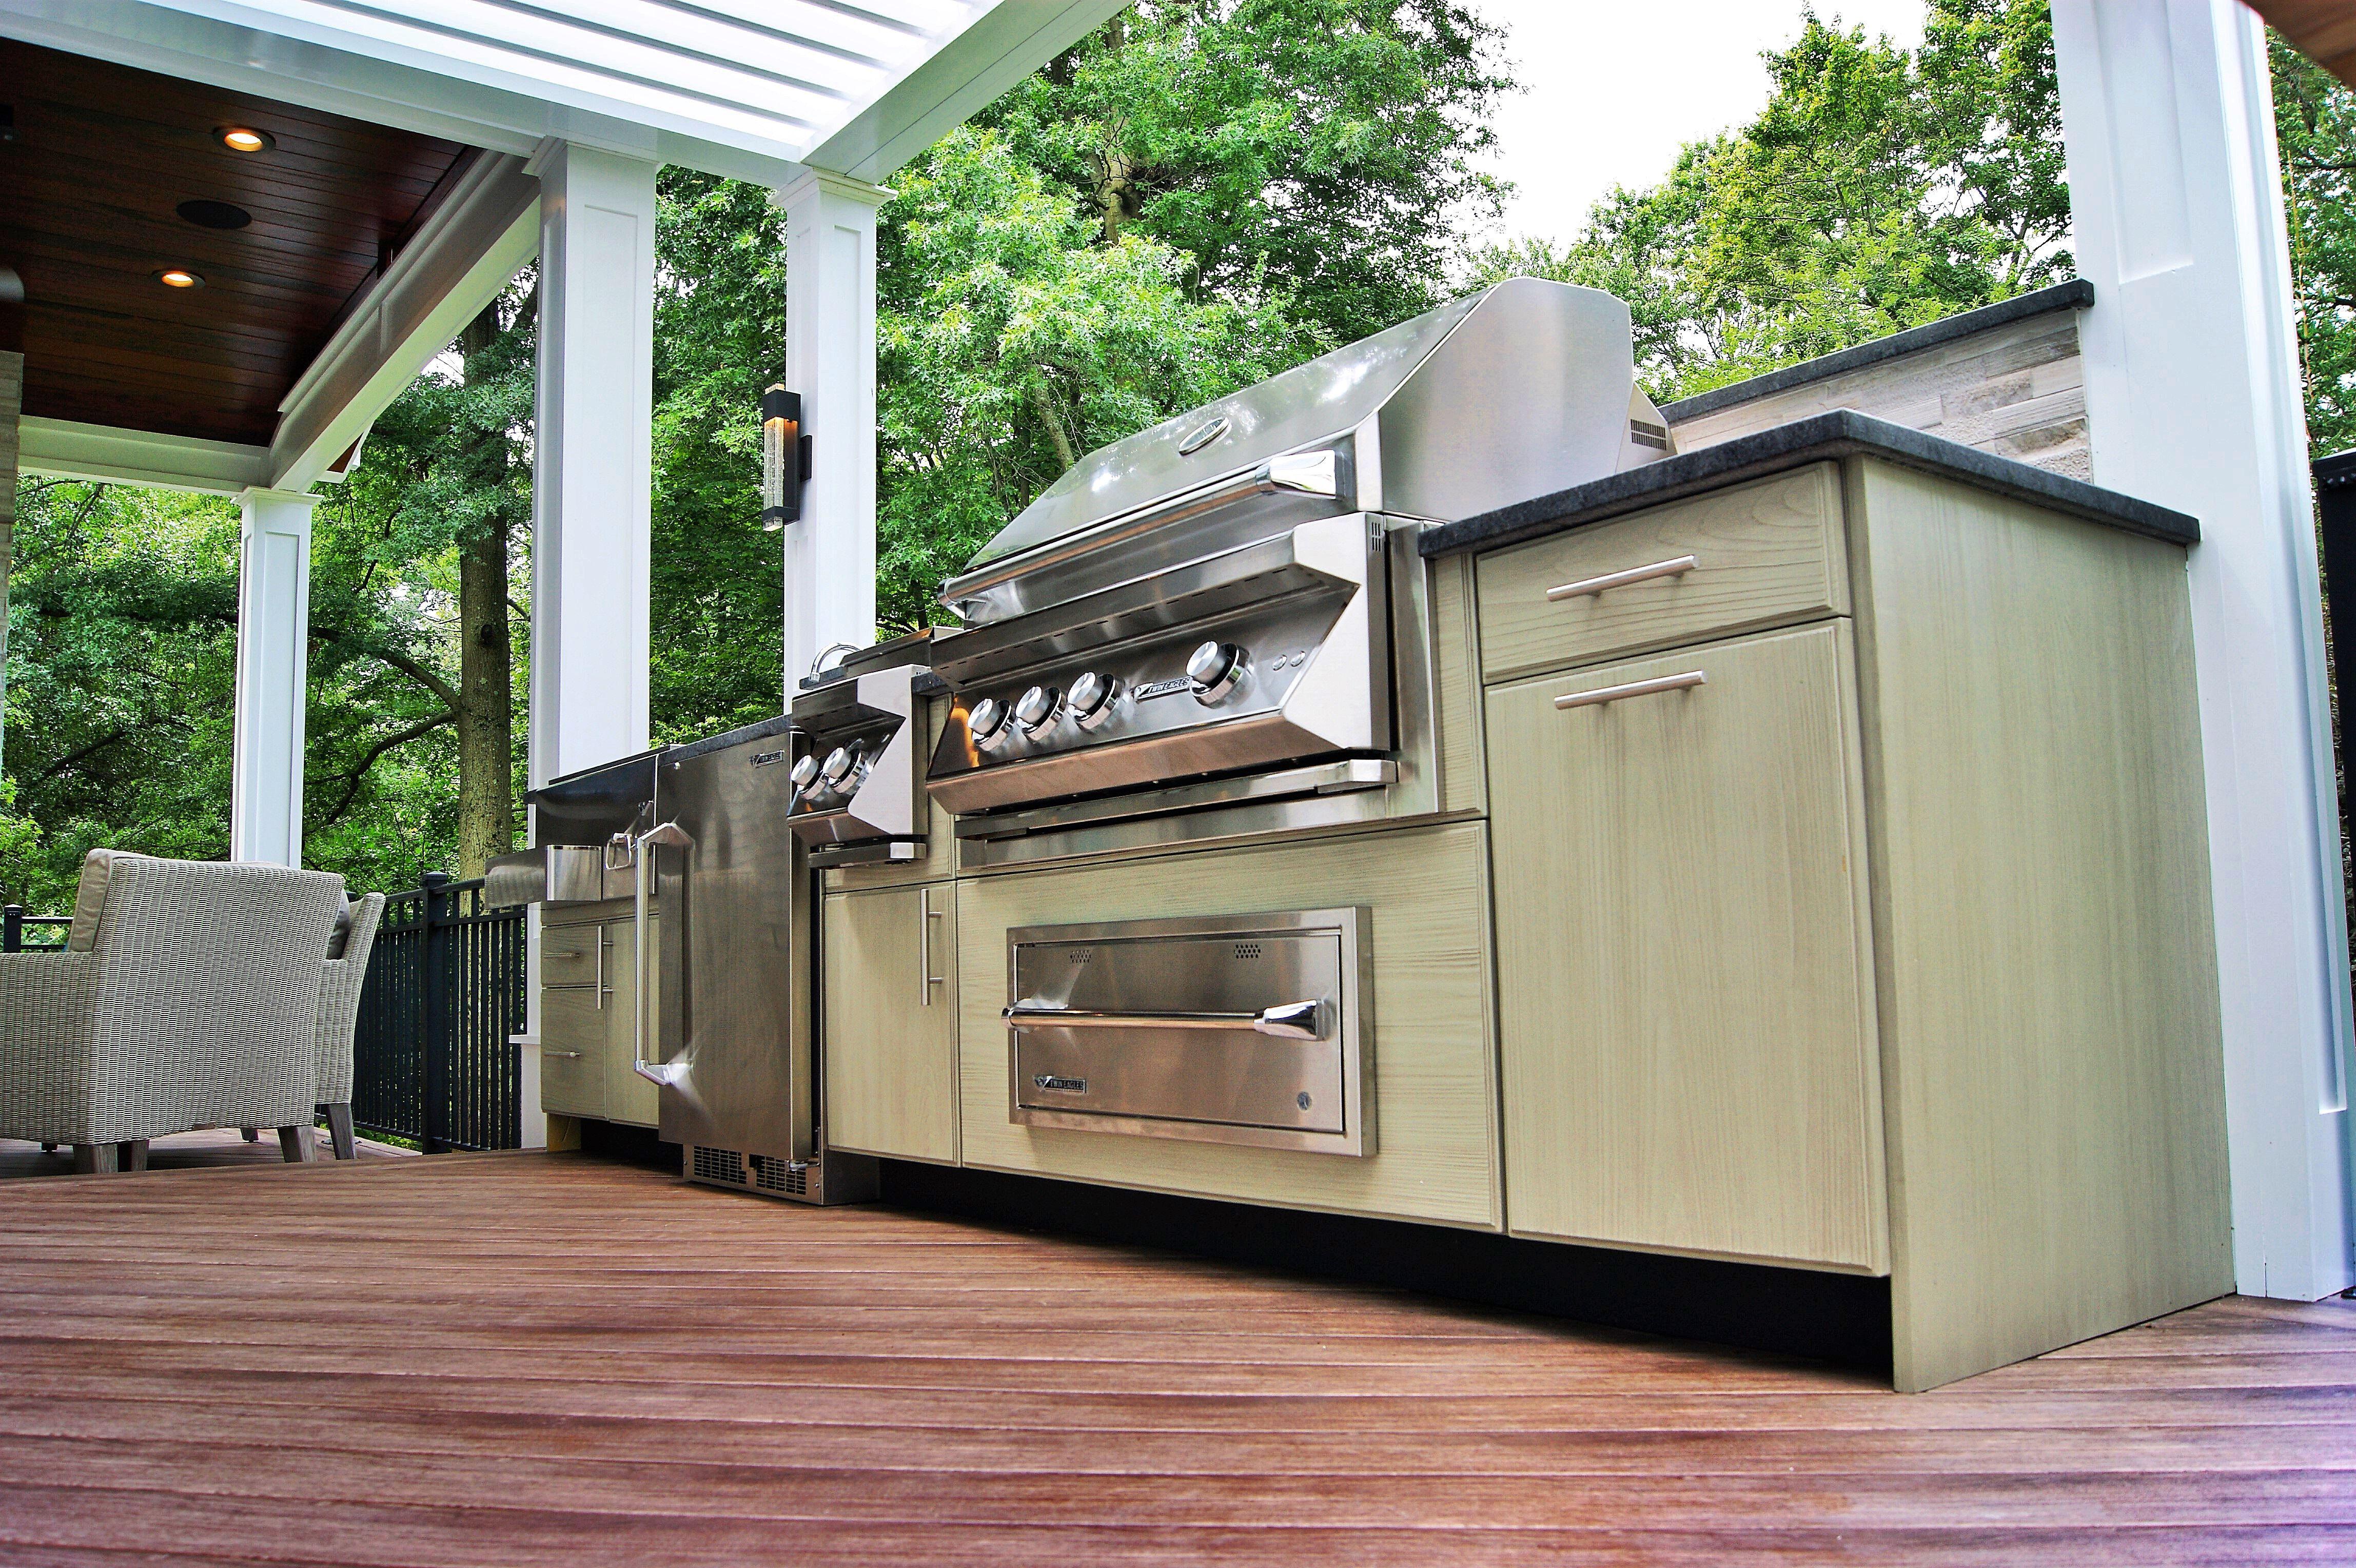 Outdoorkitchen Deckideas Deck Deckremodelers With Images Kitchen Builder Outdoor Kitchen Remodel